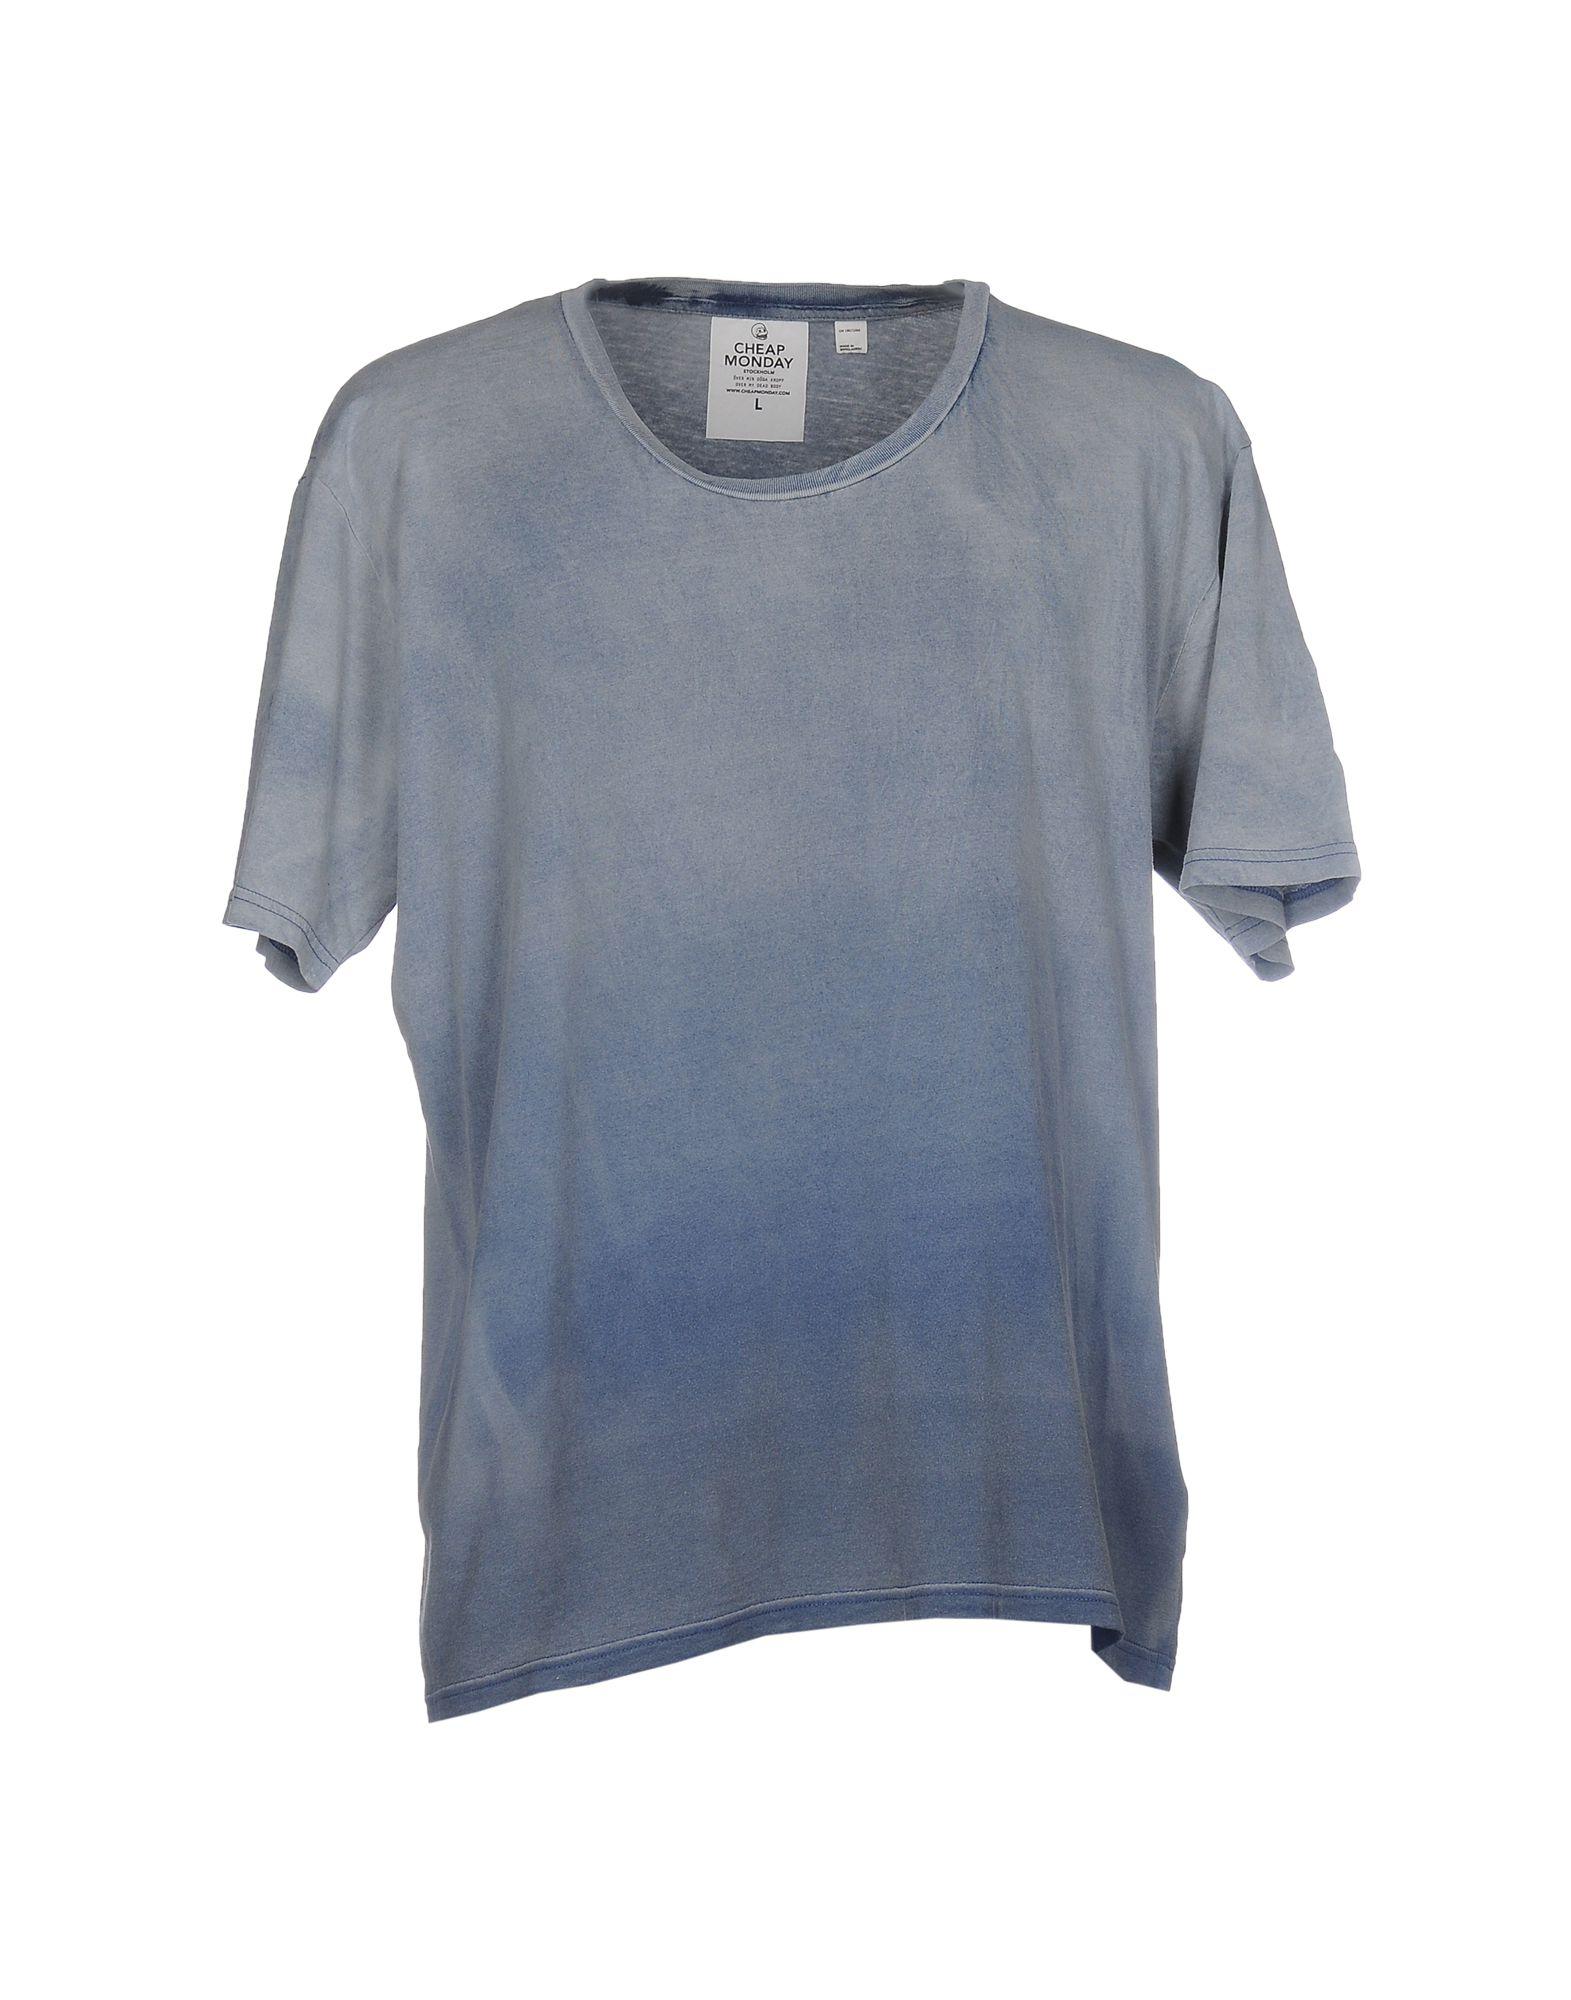 《送料無料》CHEAP MONDAY メンズ T シャツ ブルーグレー L コットン 100%